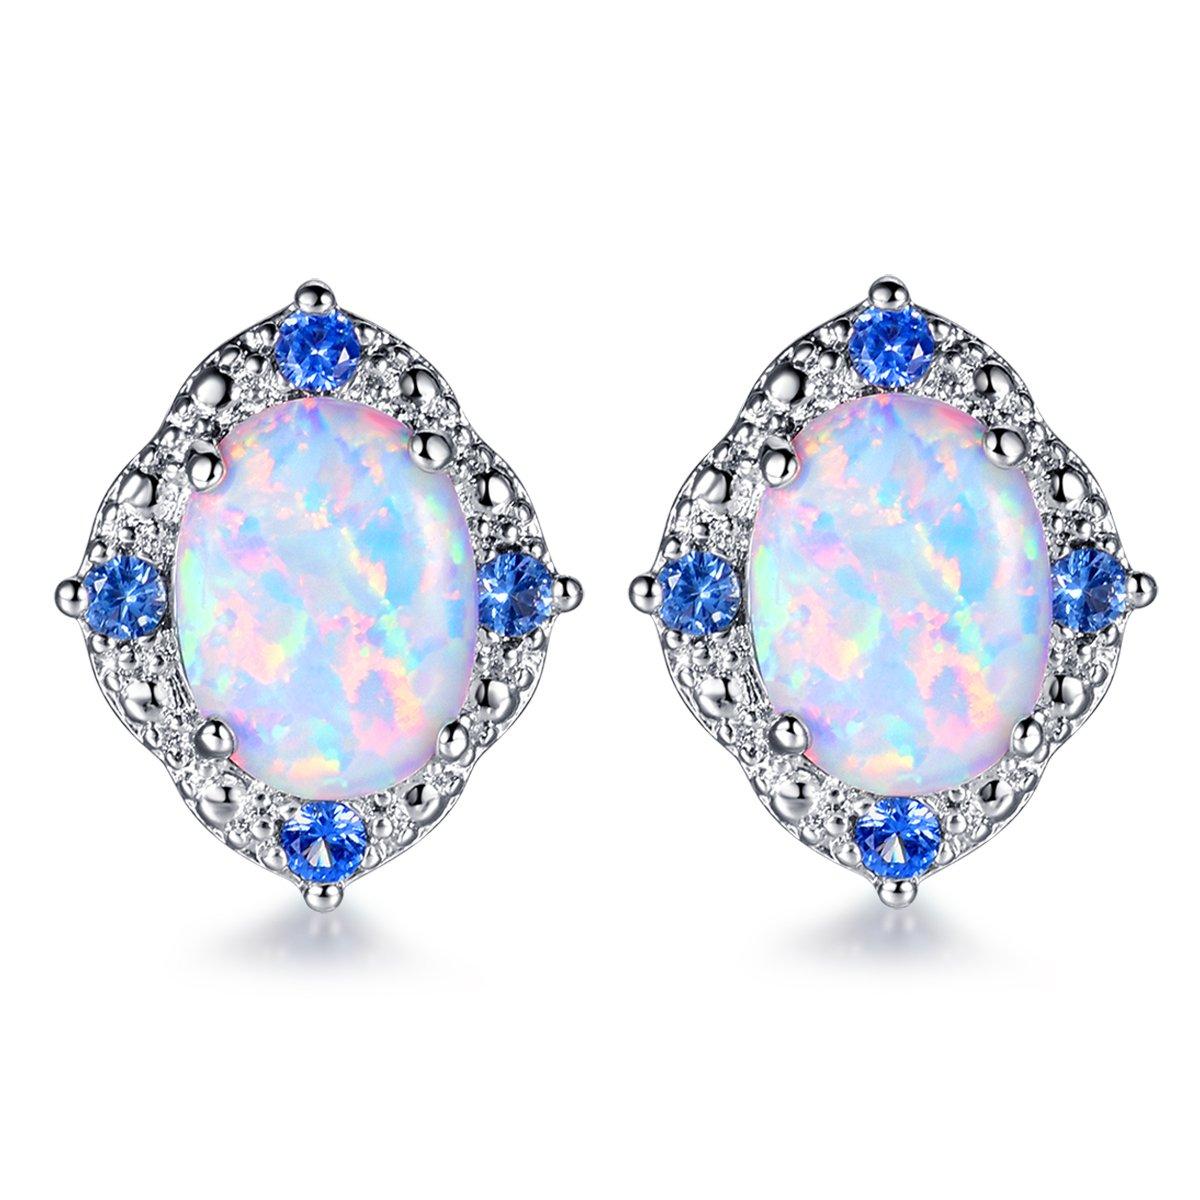 CERSLIMO 18K White Gold Plated Opal Stud Earrings 6mm Oval Cubic Zircon Stud Earrings